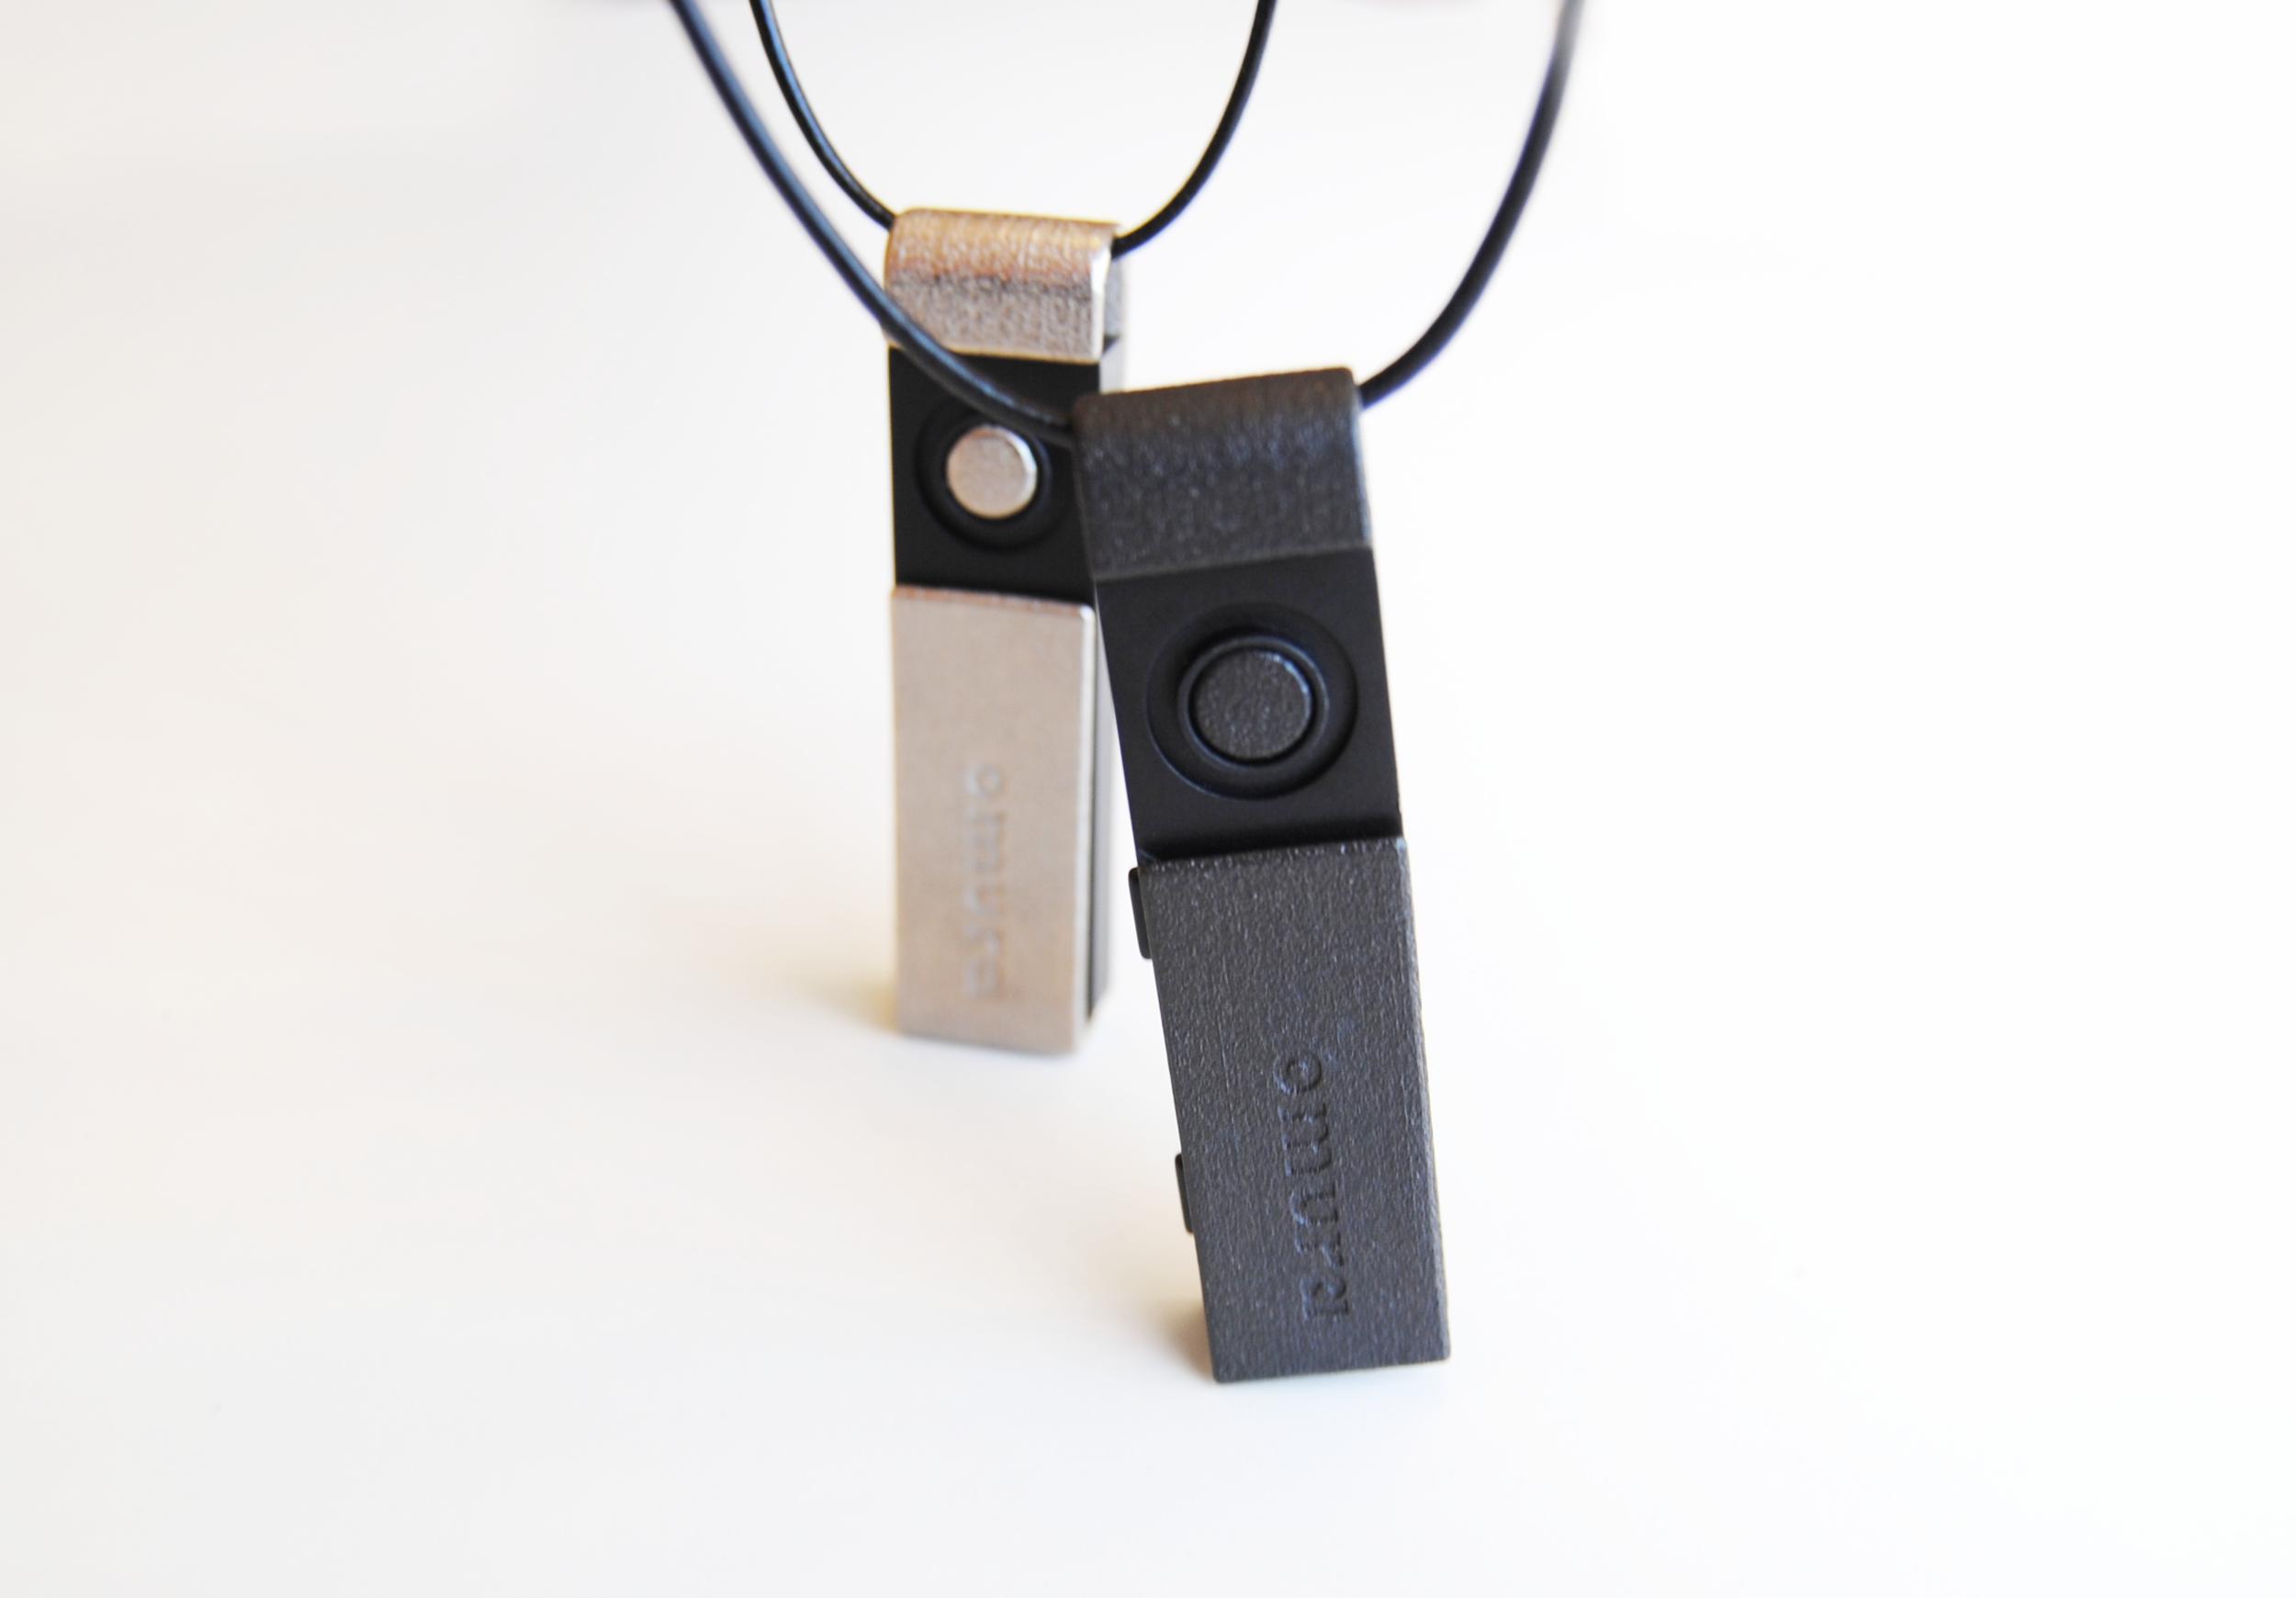 omura-two-vertical-nano-ledger-s (1).png